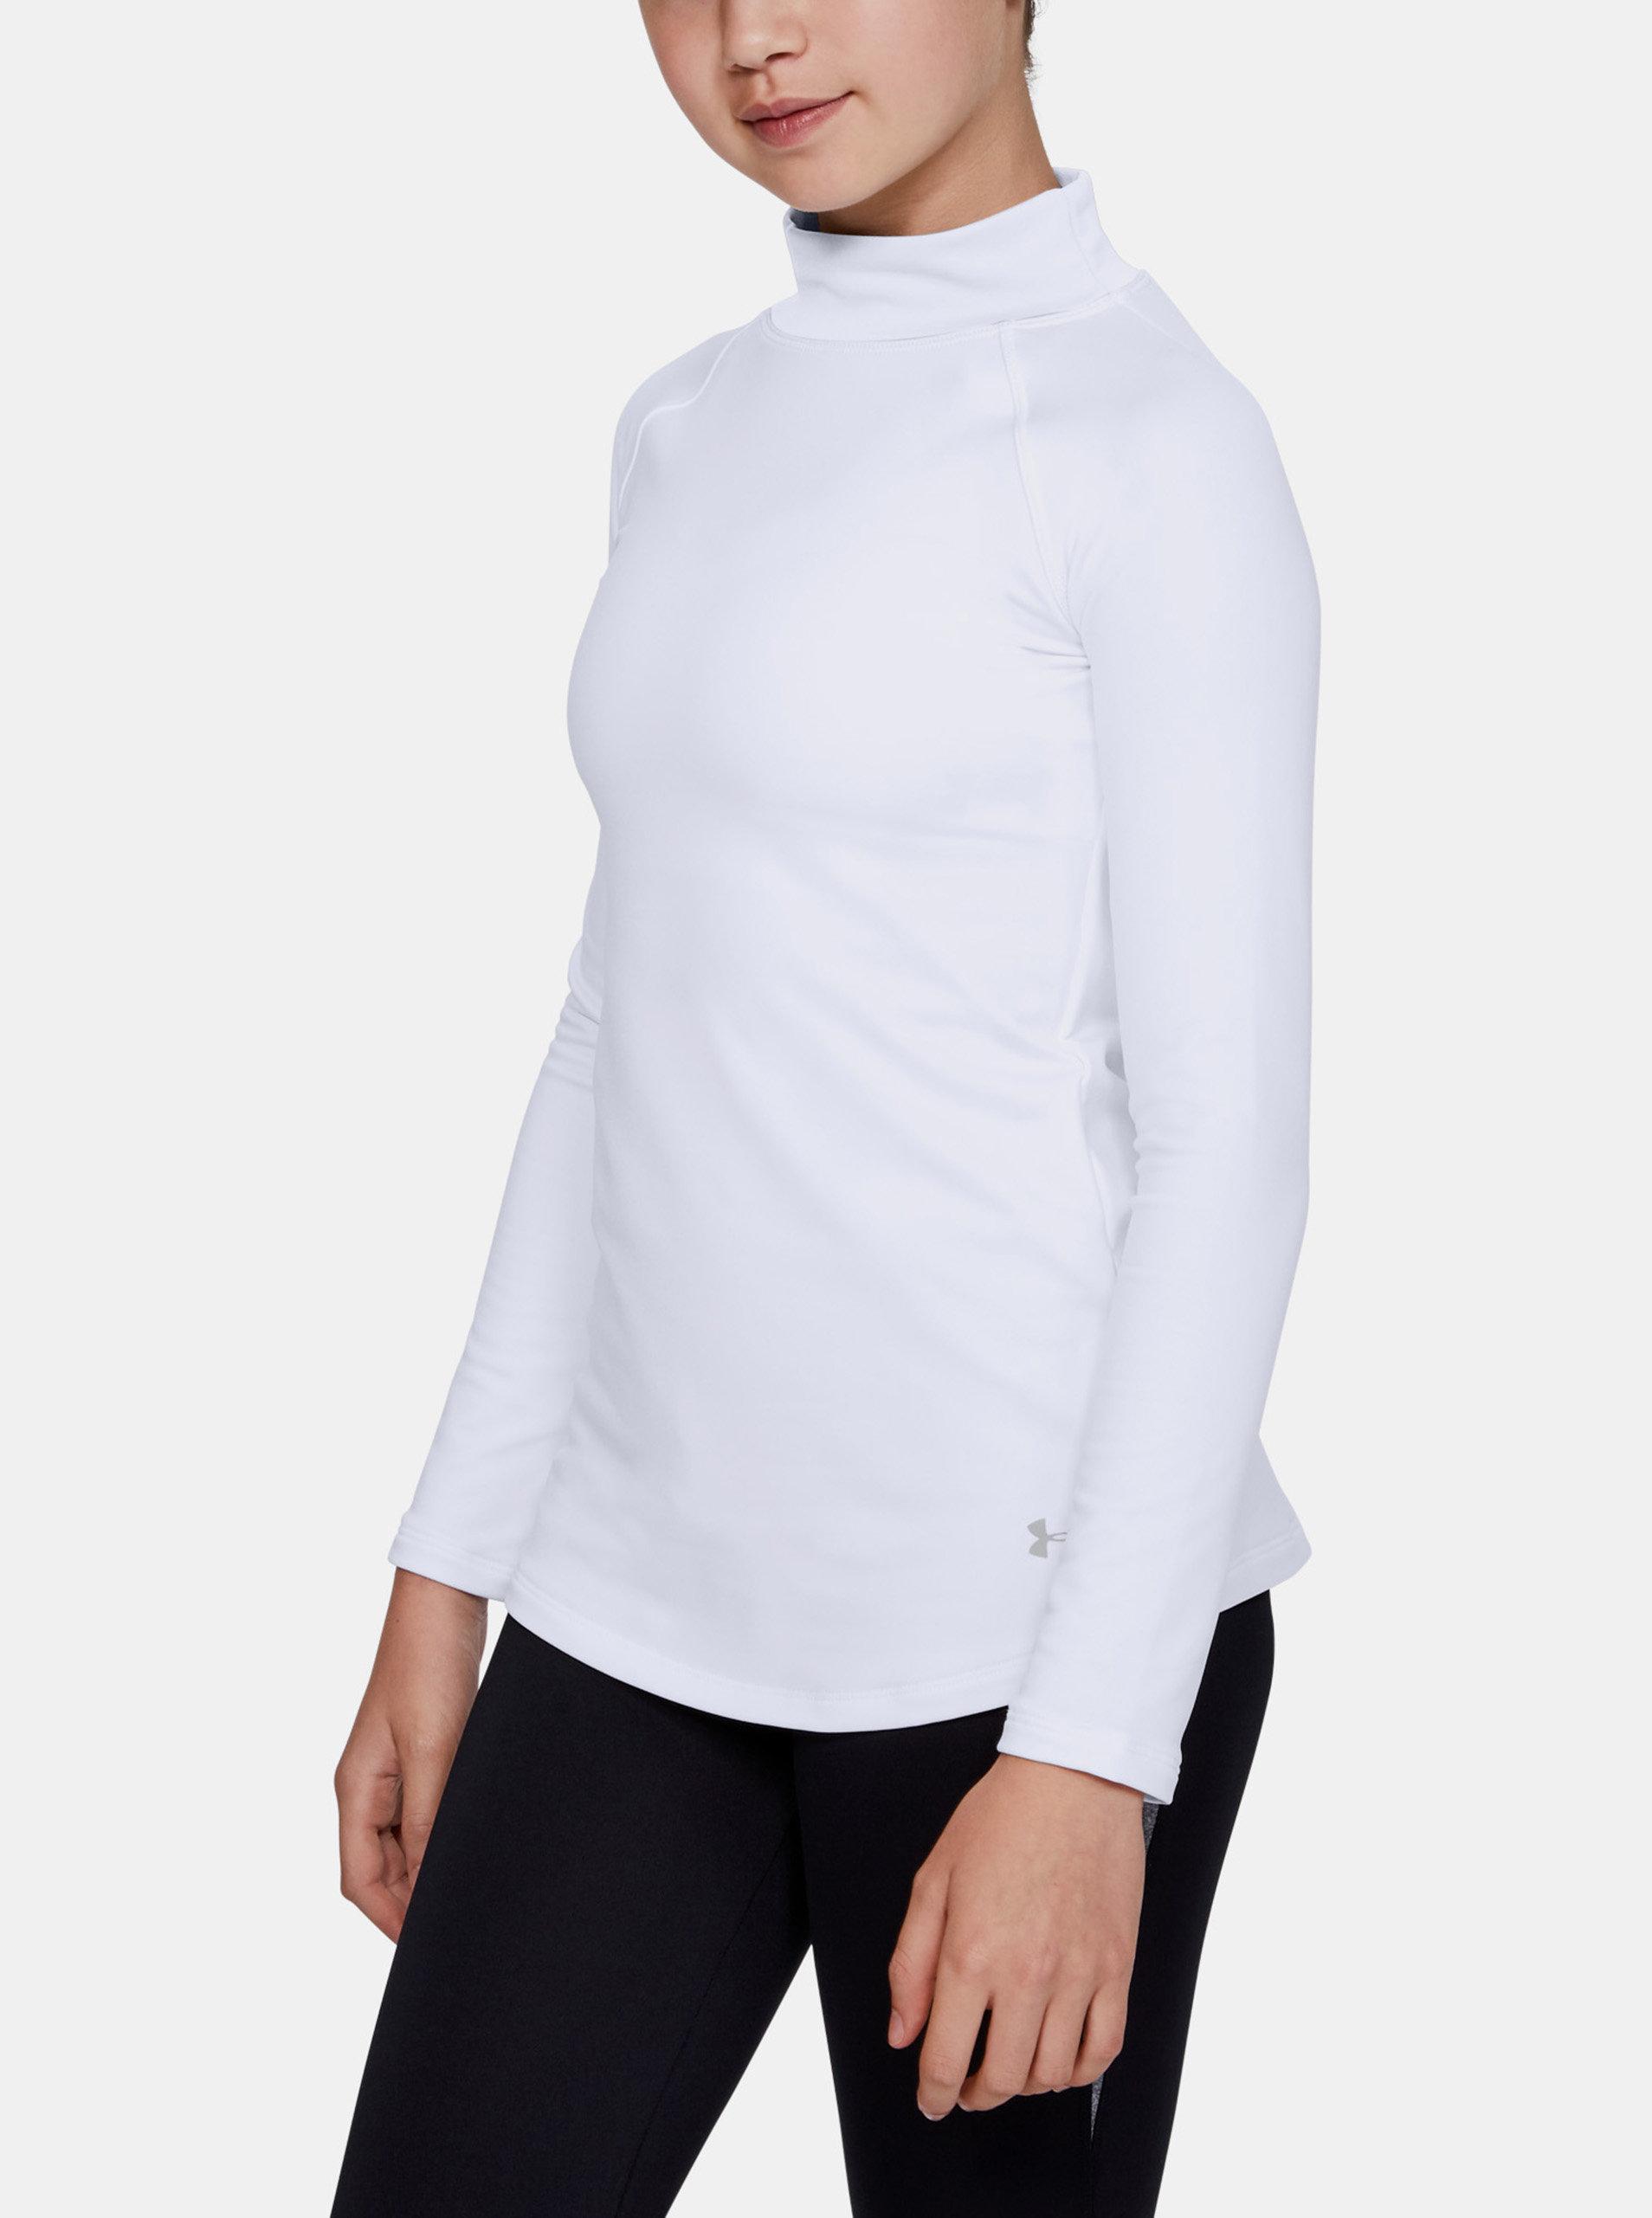 Bílé holčičí tričko ColdGear Under Armour